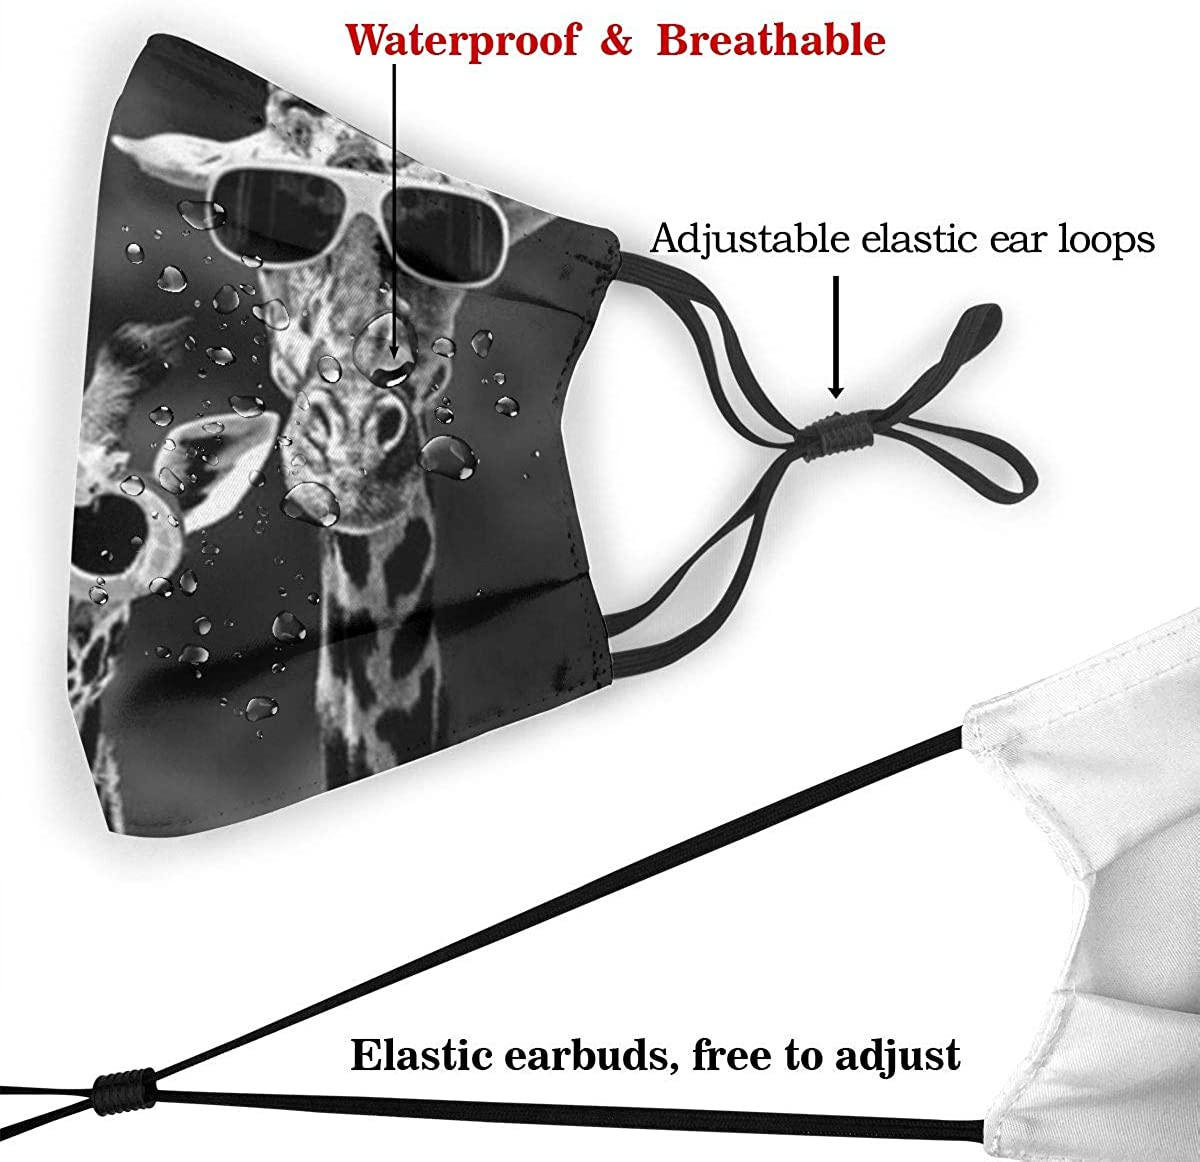 LKQTH Cool Giraffe Family Face MA-SK mit Filter Sicherheitsmasken wiederverwendbar